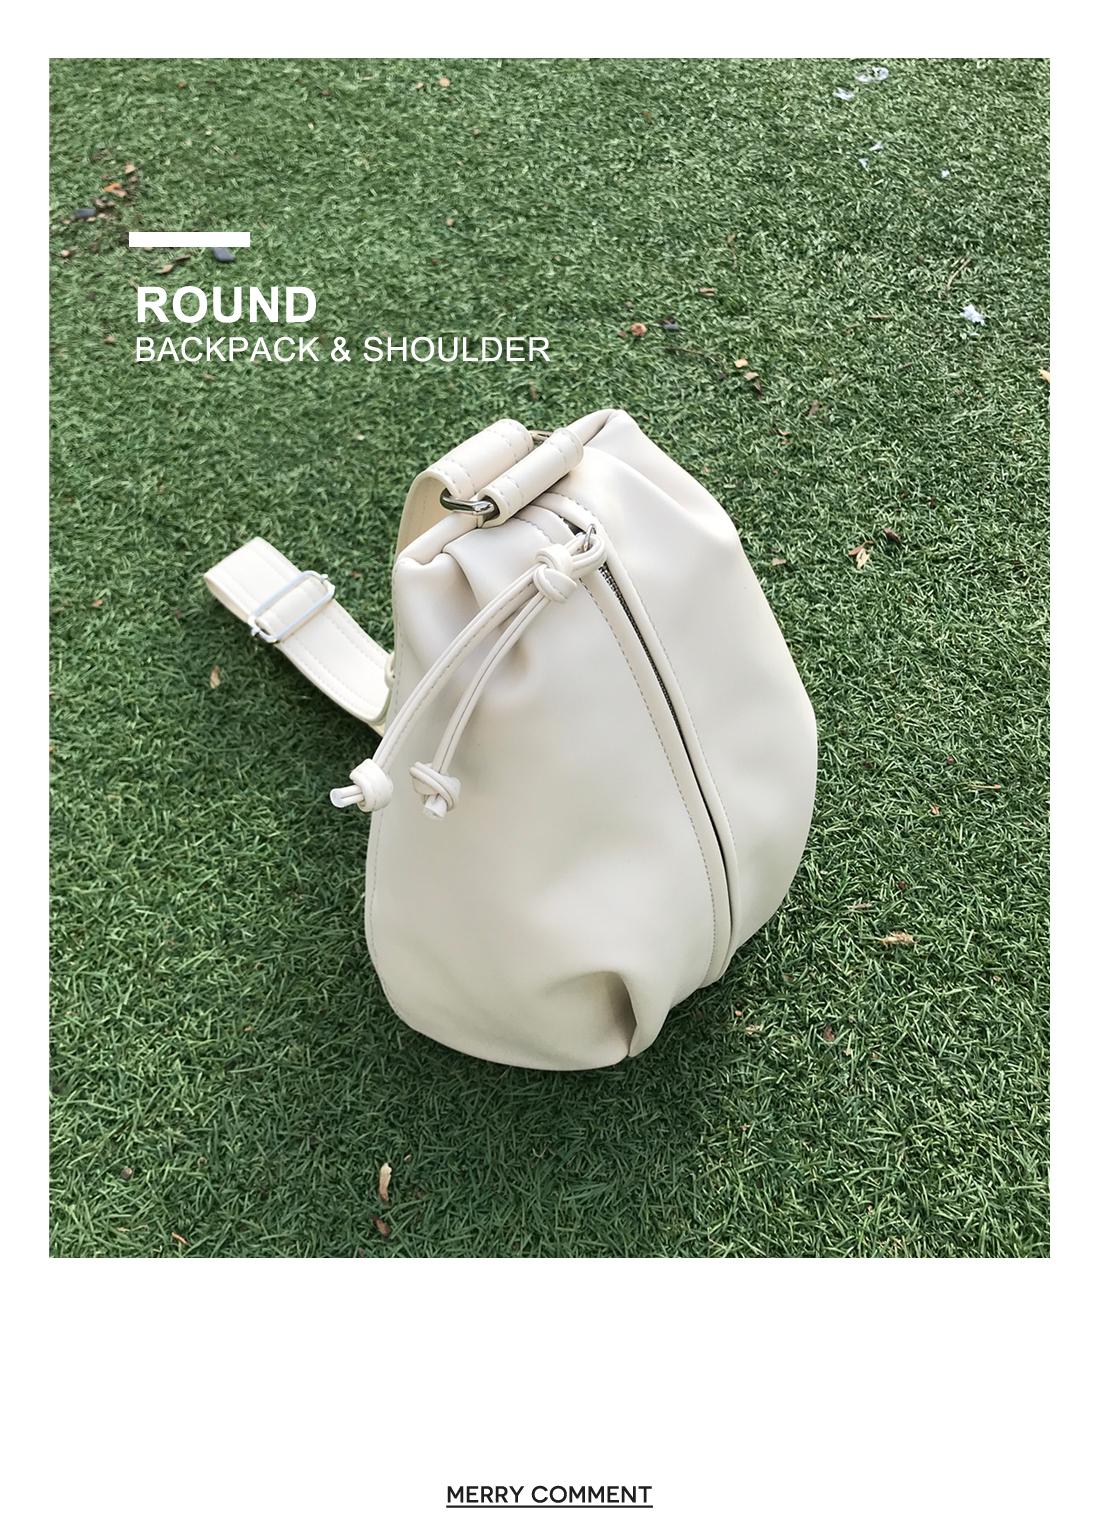 Ripper shoulder and backpack